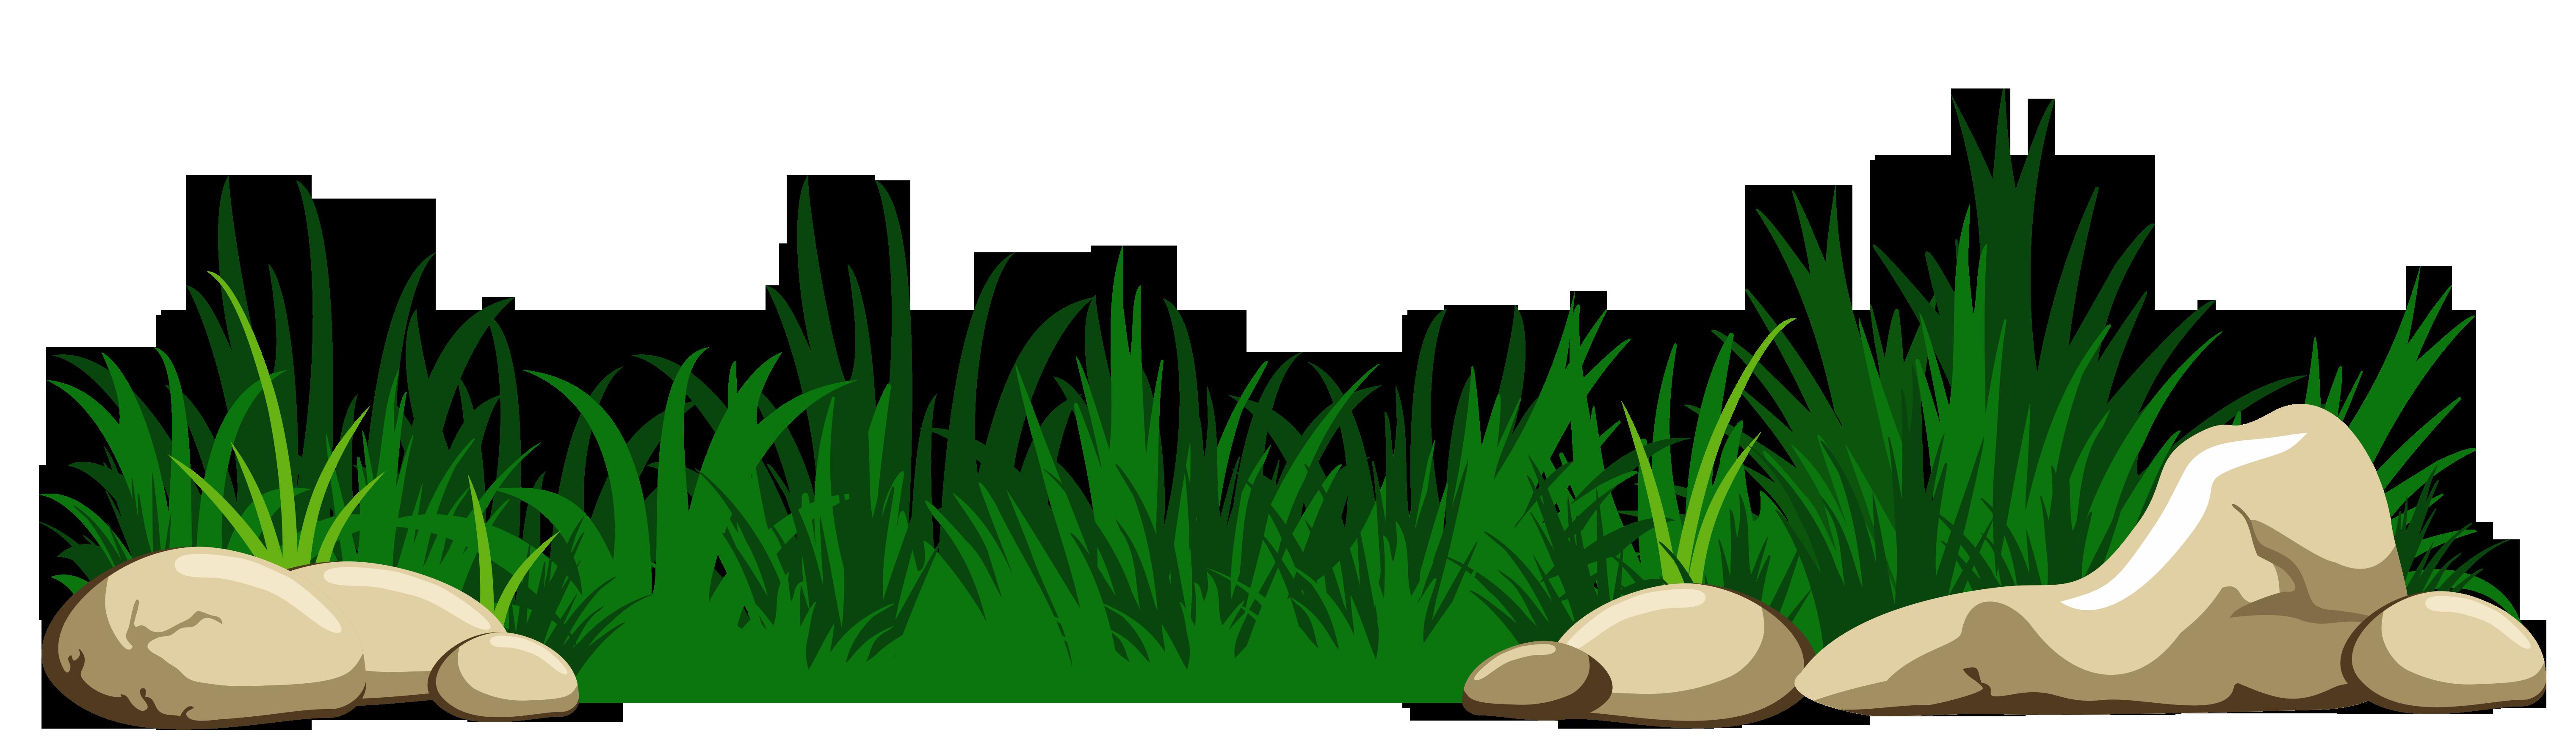 Green Grass Clipart. Download Fullsize